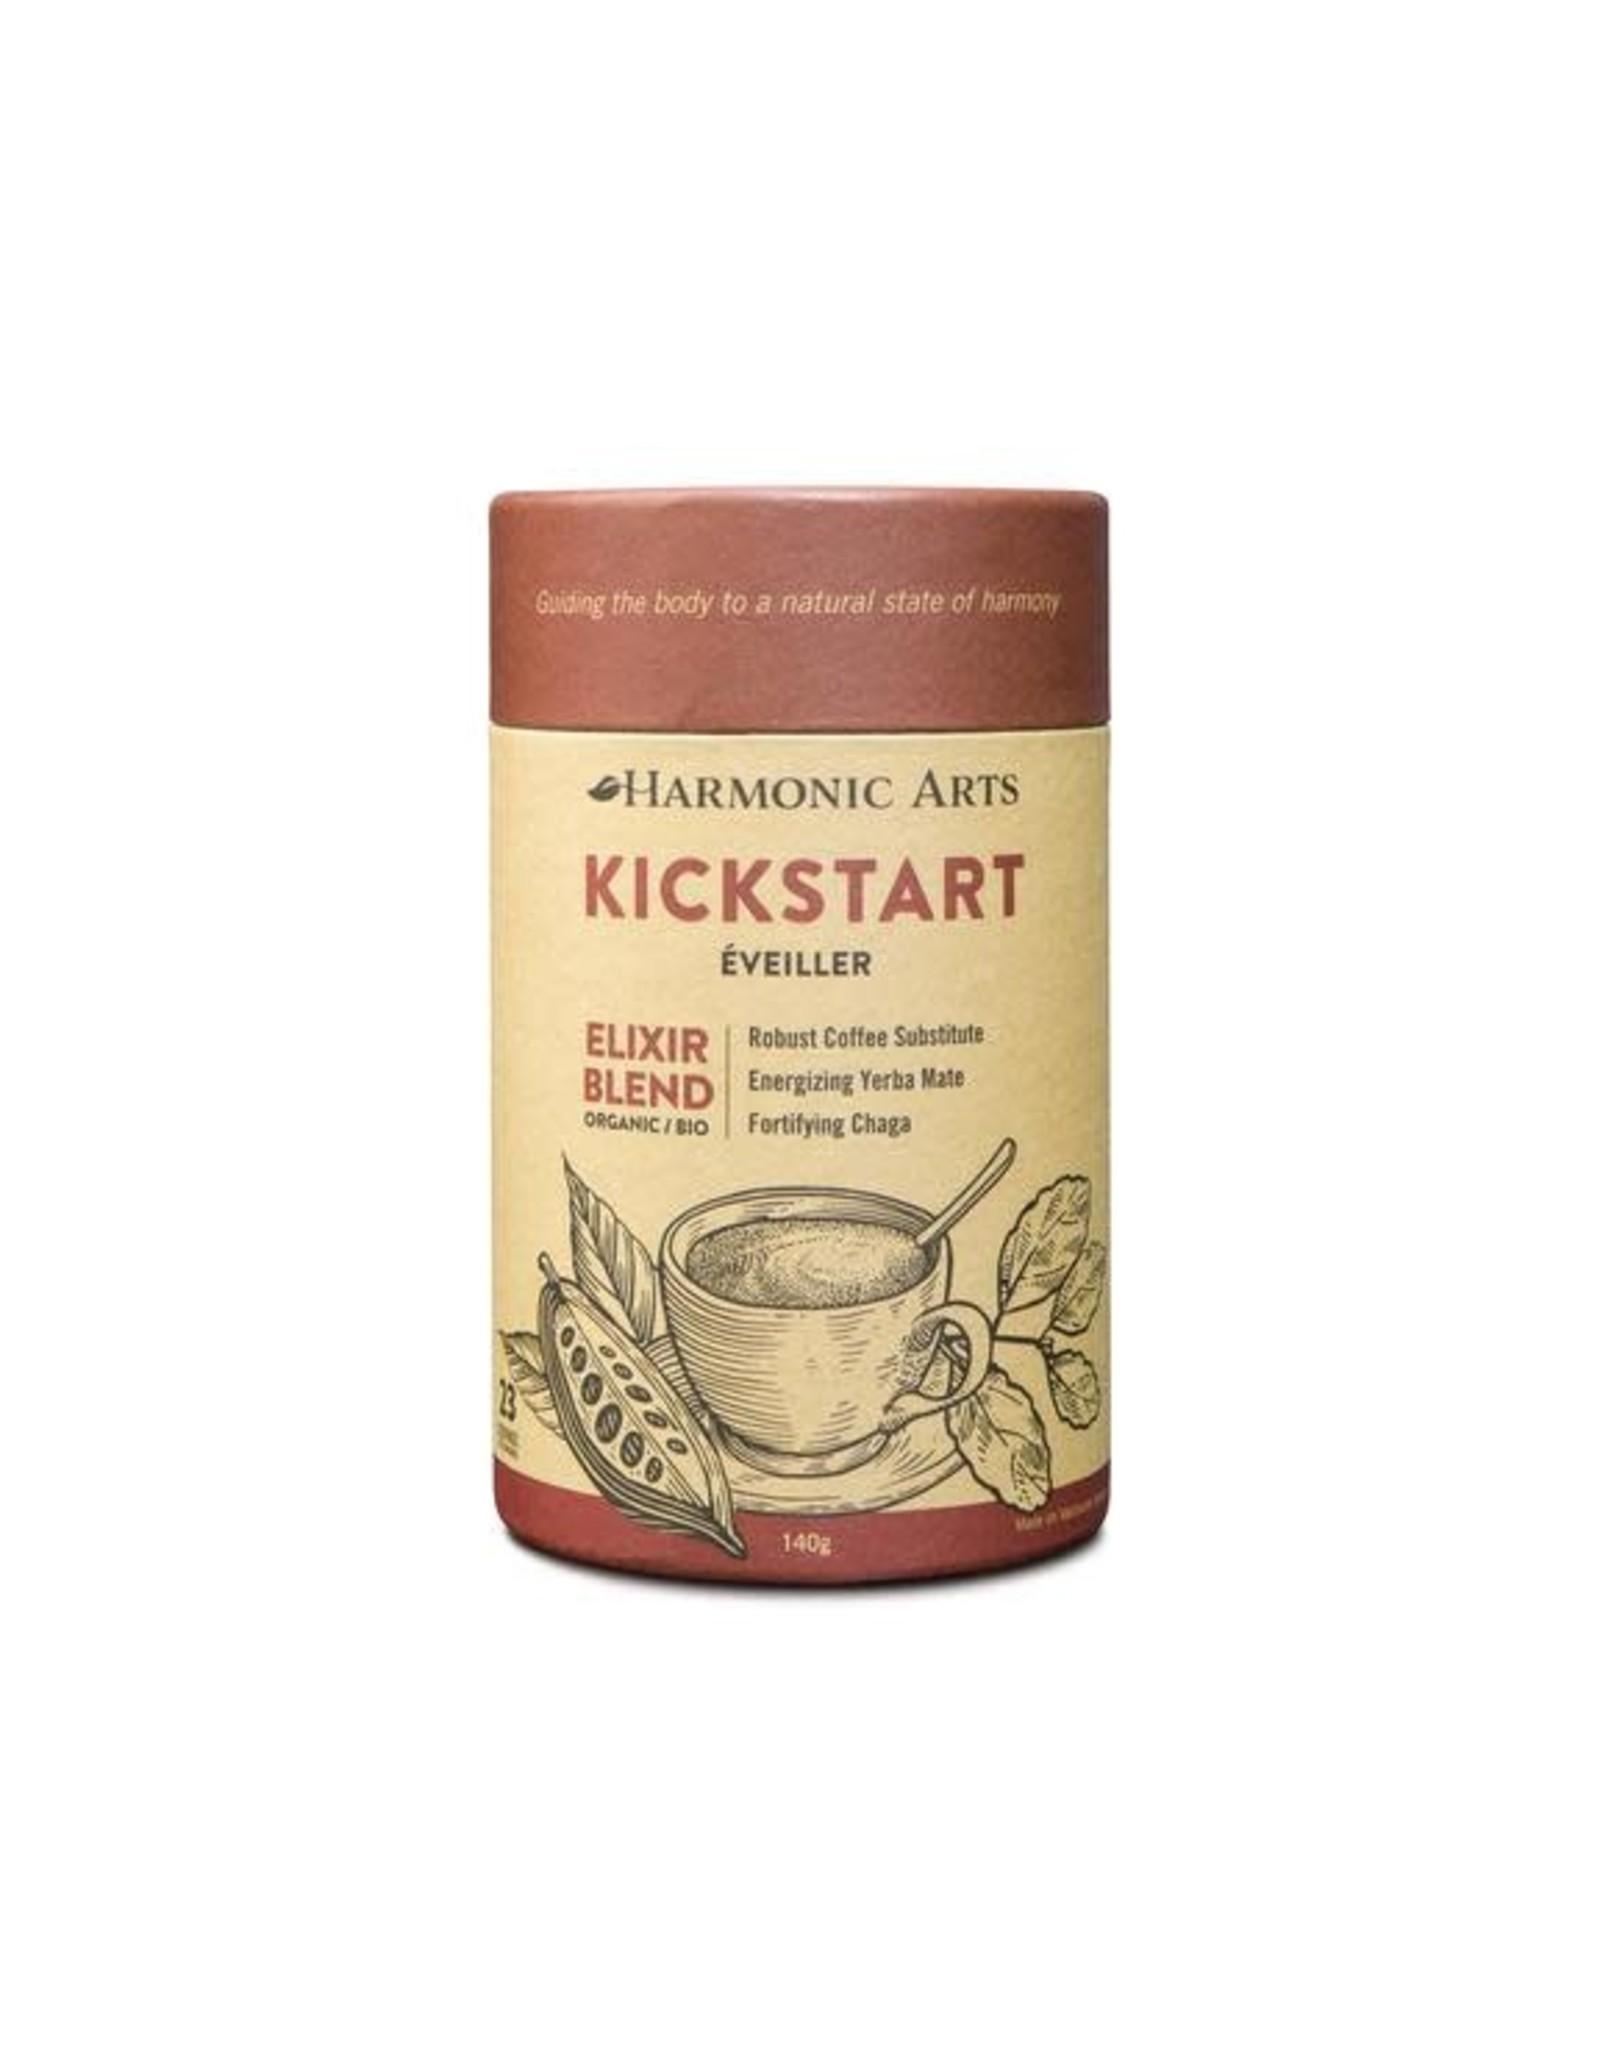 Harmonic Arts Kickstart Elixir Blend